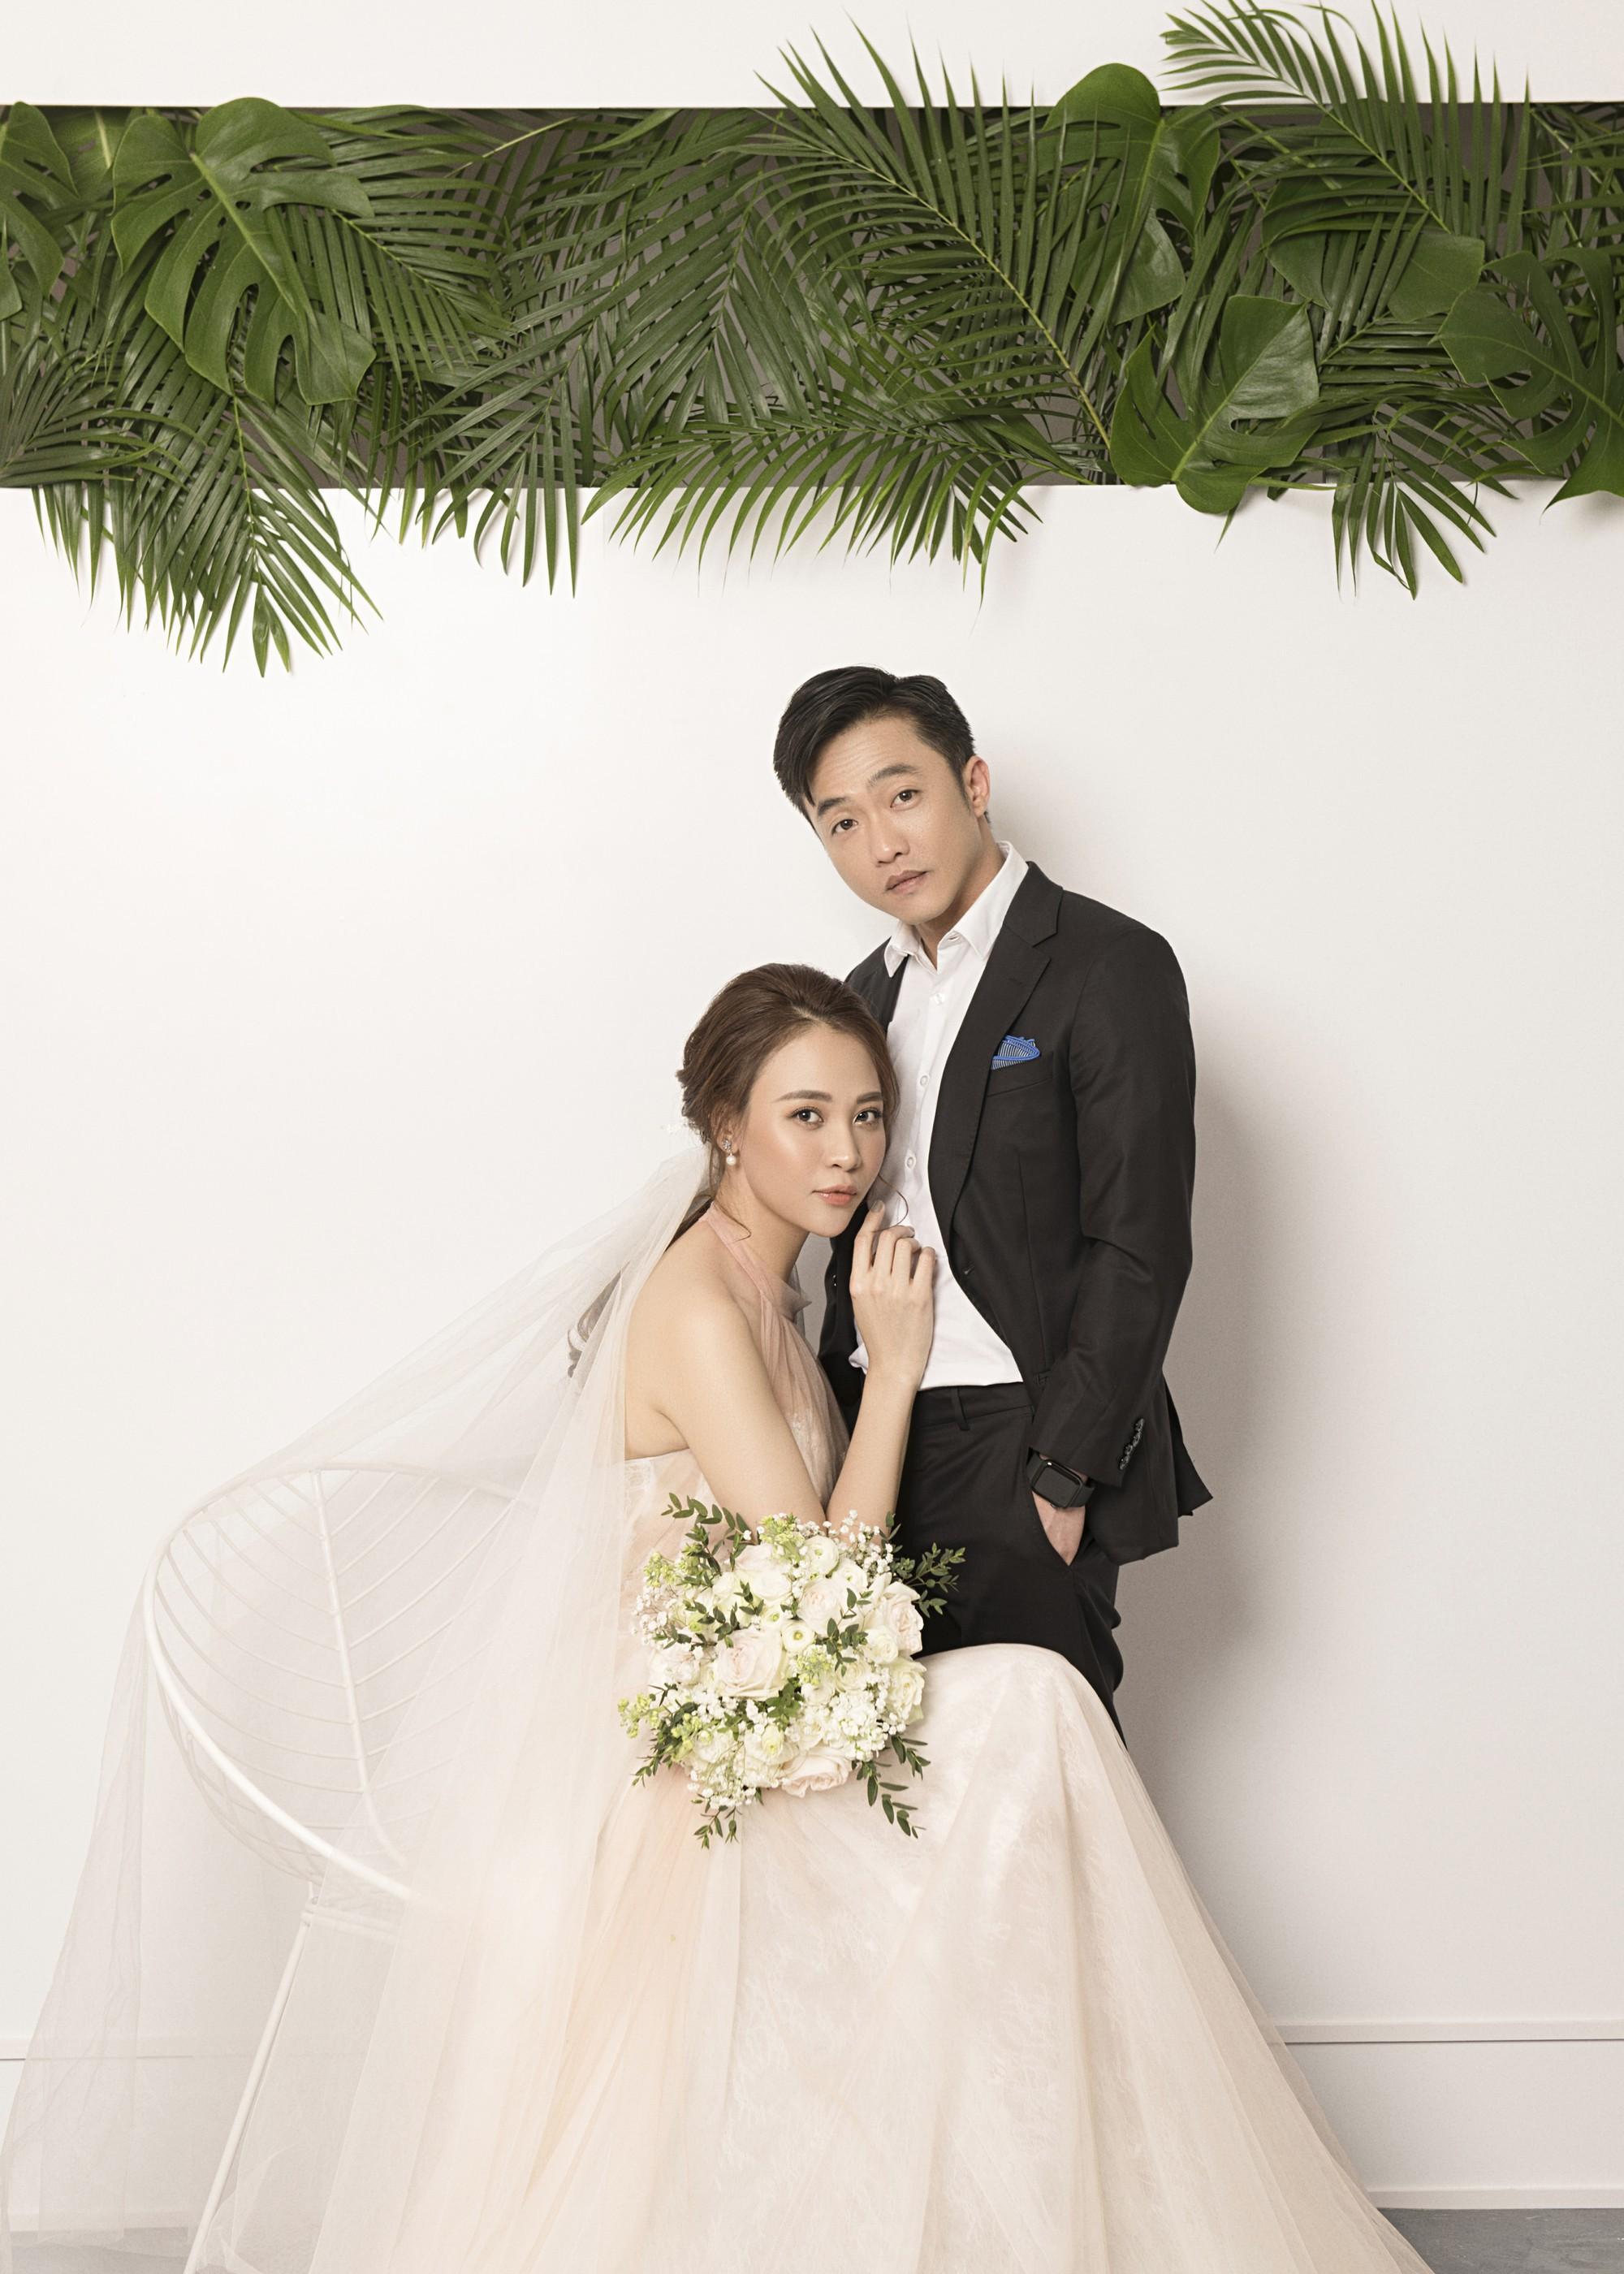 Cường Đôla hôn vợ say đắm trong loạt ảnh cưới mới, bé Subeo thân thiết nắm tay mẹ kế-4